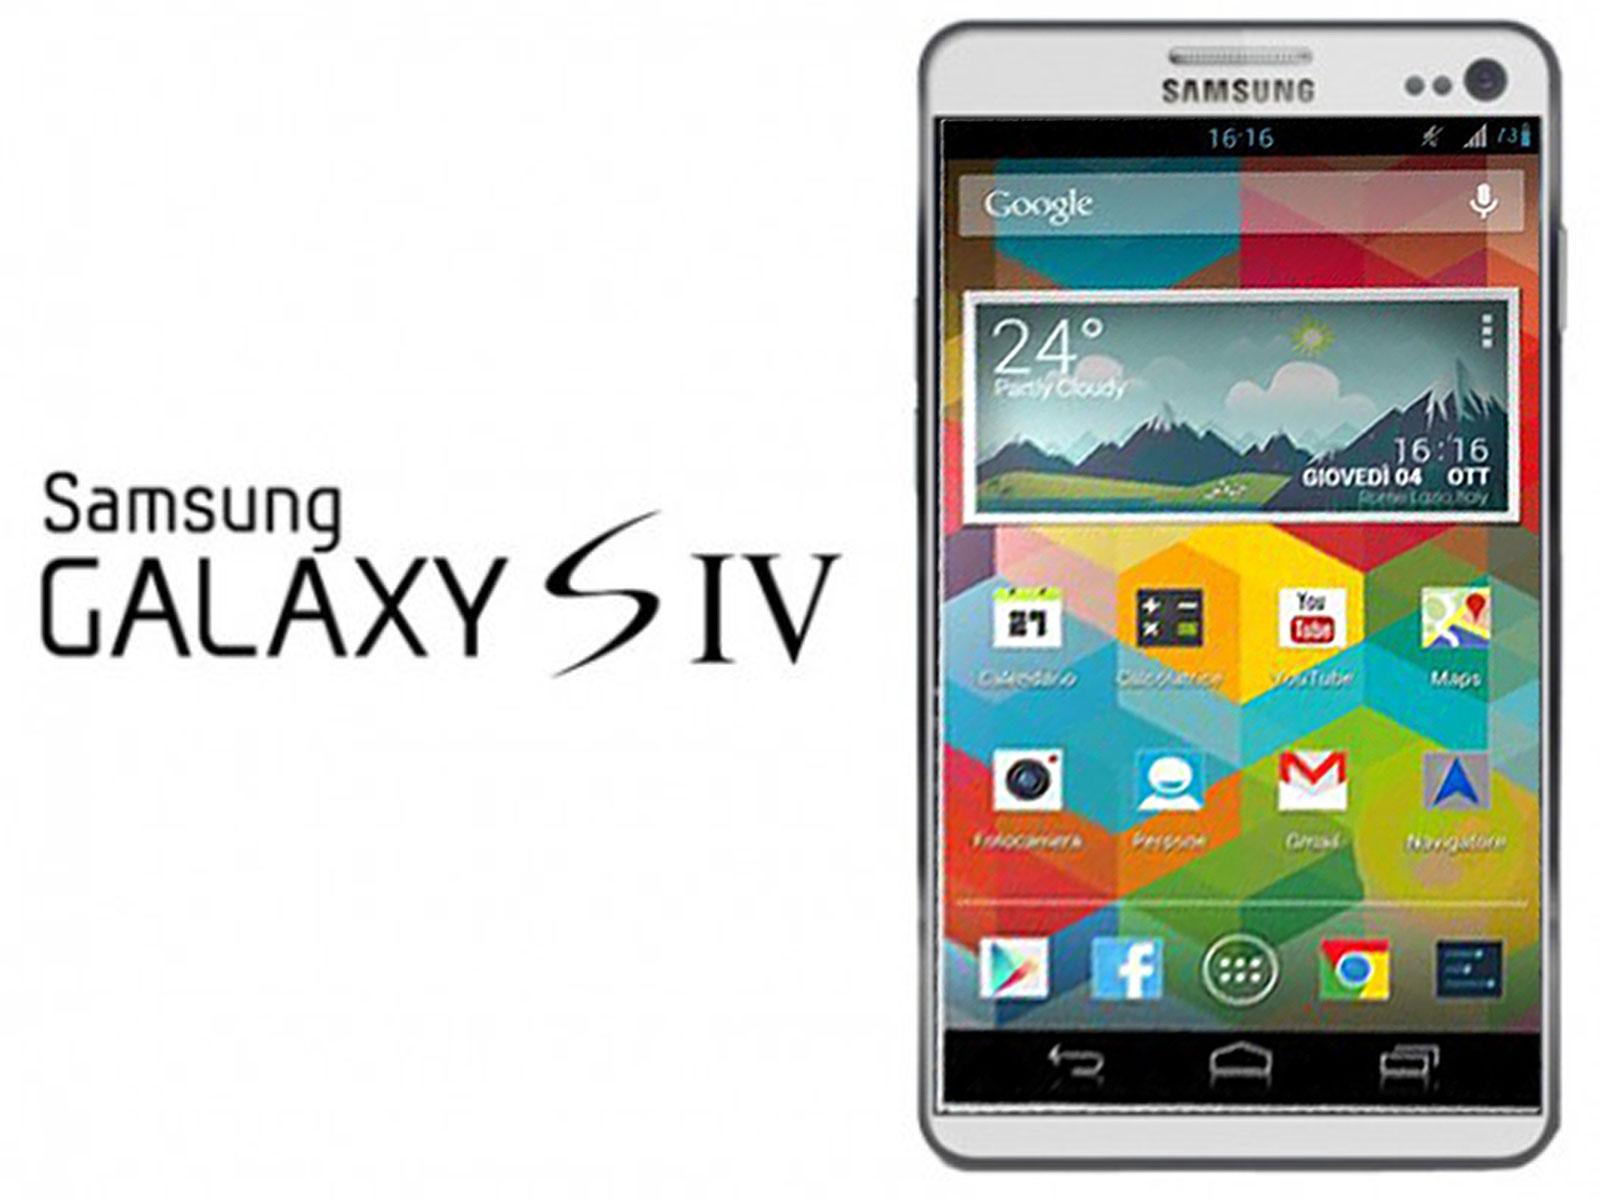 http://1.bp.blogspot.com/-nLllUA1Novo/UTIR0xs66FI/AAAAAAAAKRs/ayzP4Z-chc4/s1600/Samsung+Galaxy+S4+leaked+picture+1.jpg